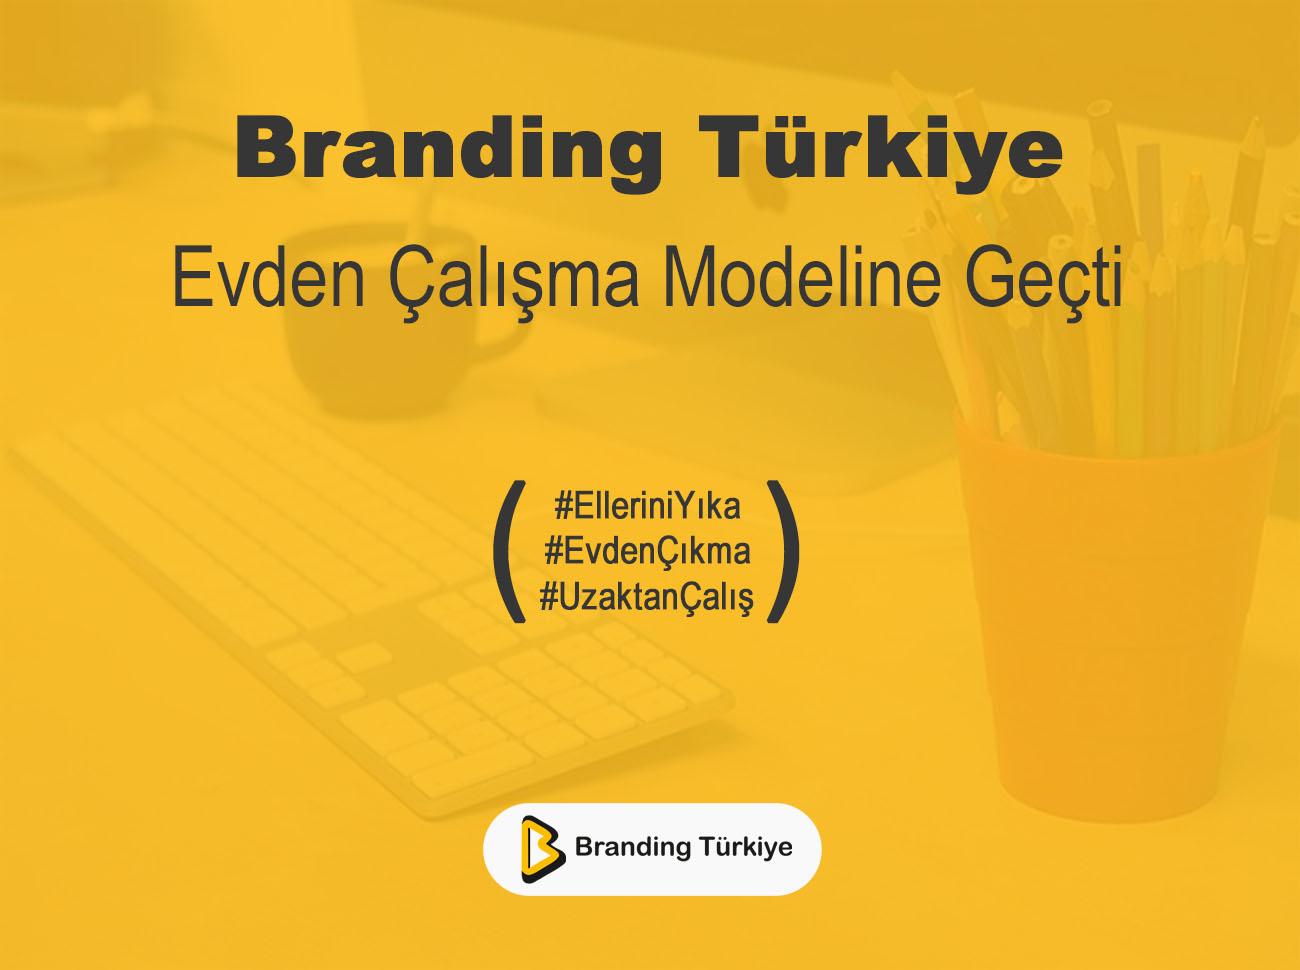 Branding Türkiye Evden Çalışma Modeline Geçti